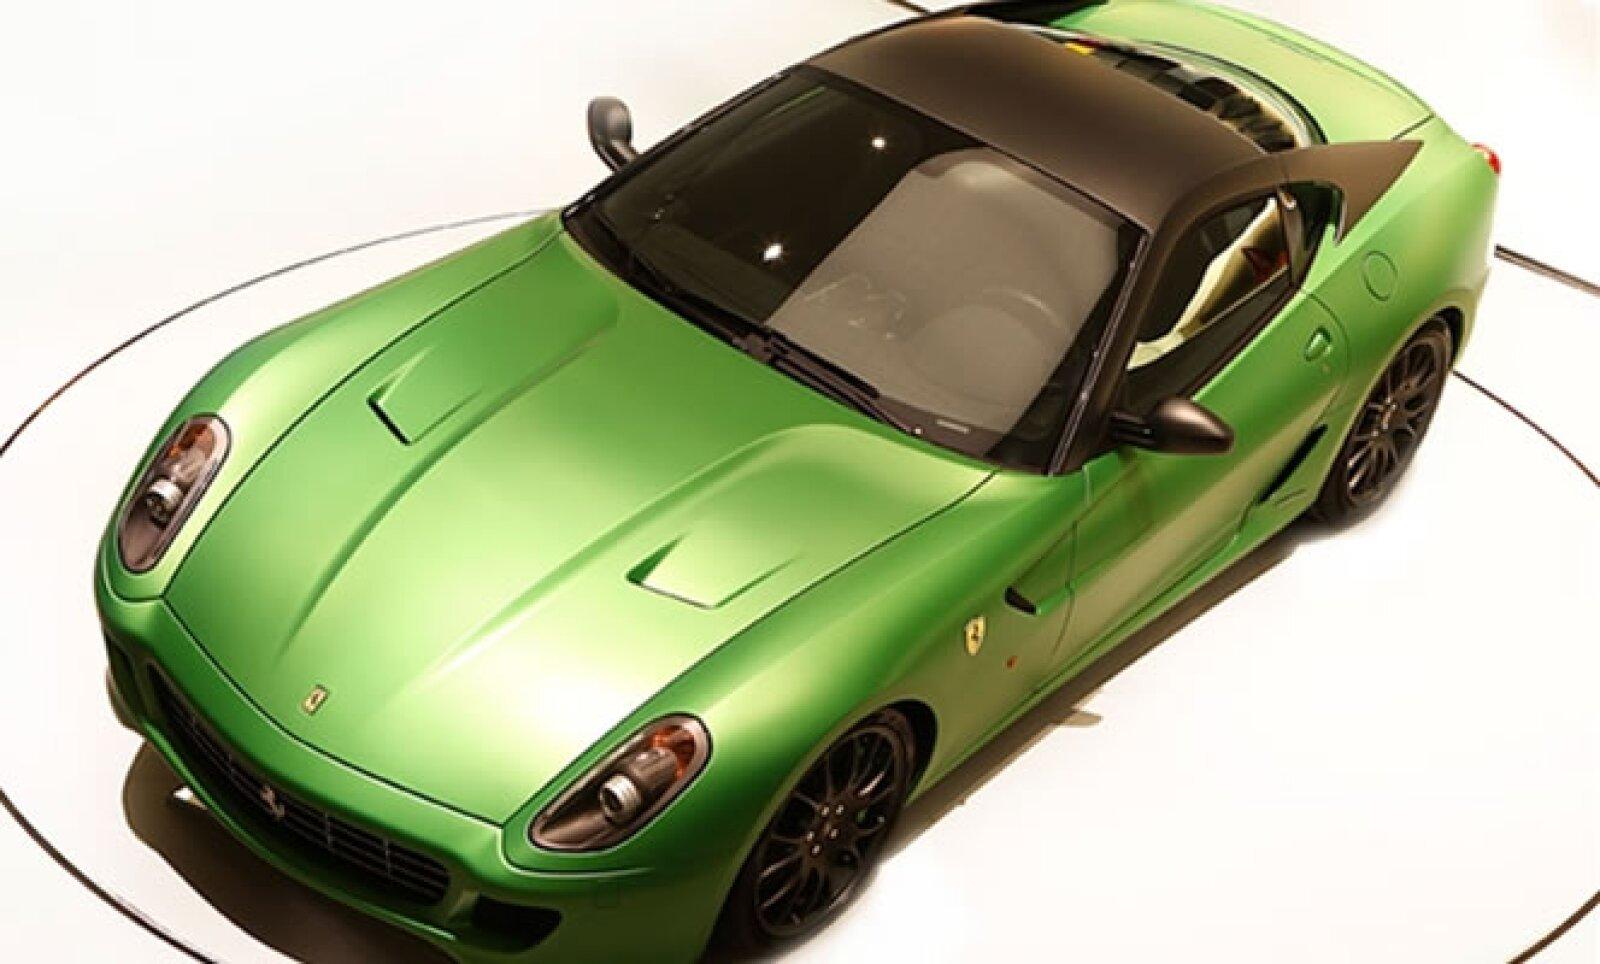 Ferrari asegura que esta tecnología todavía se encuentra en una fase inicial y que tardará años en llegar a un modelo de producción.